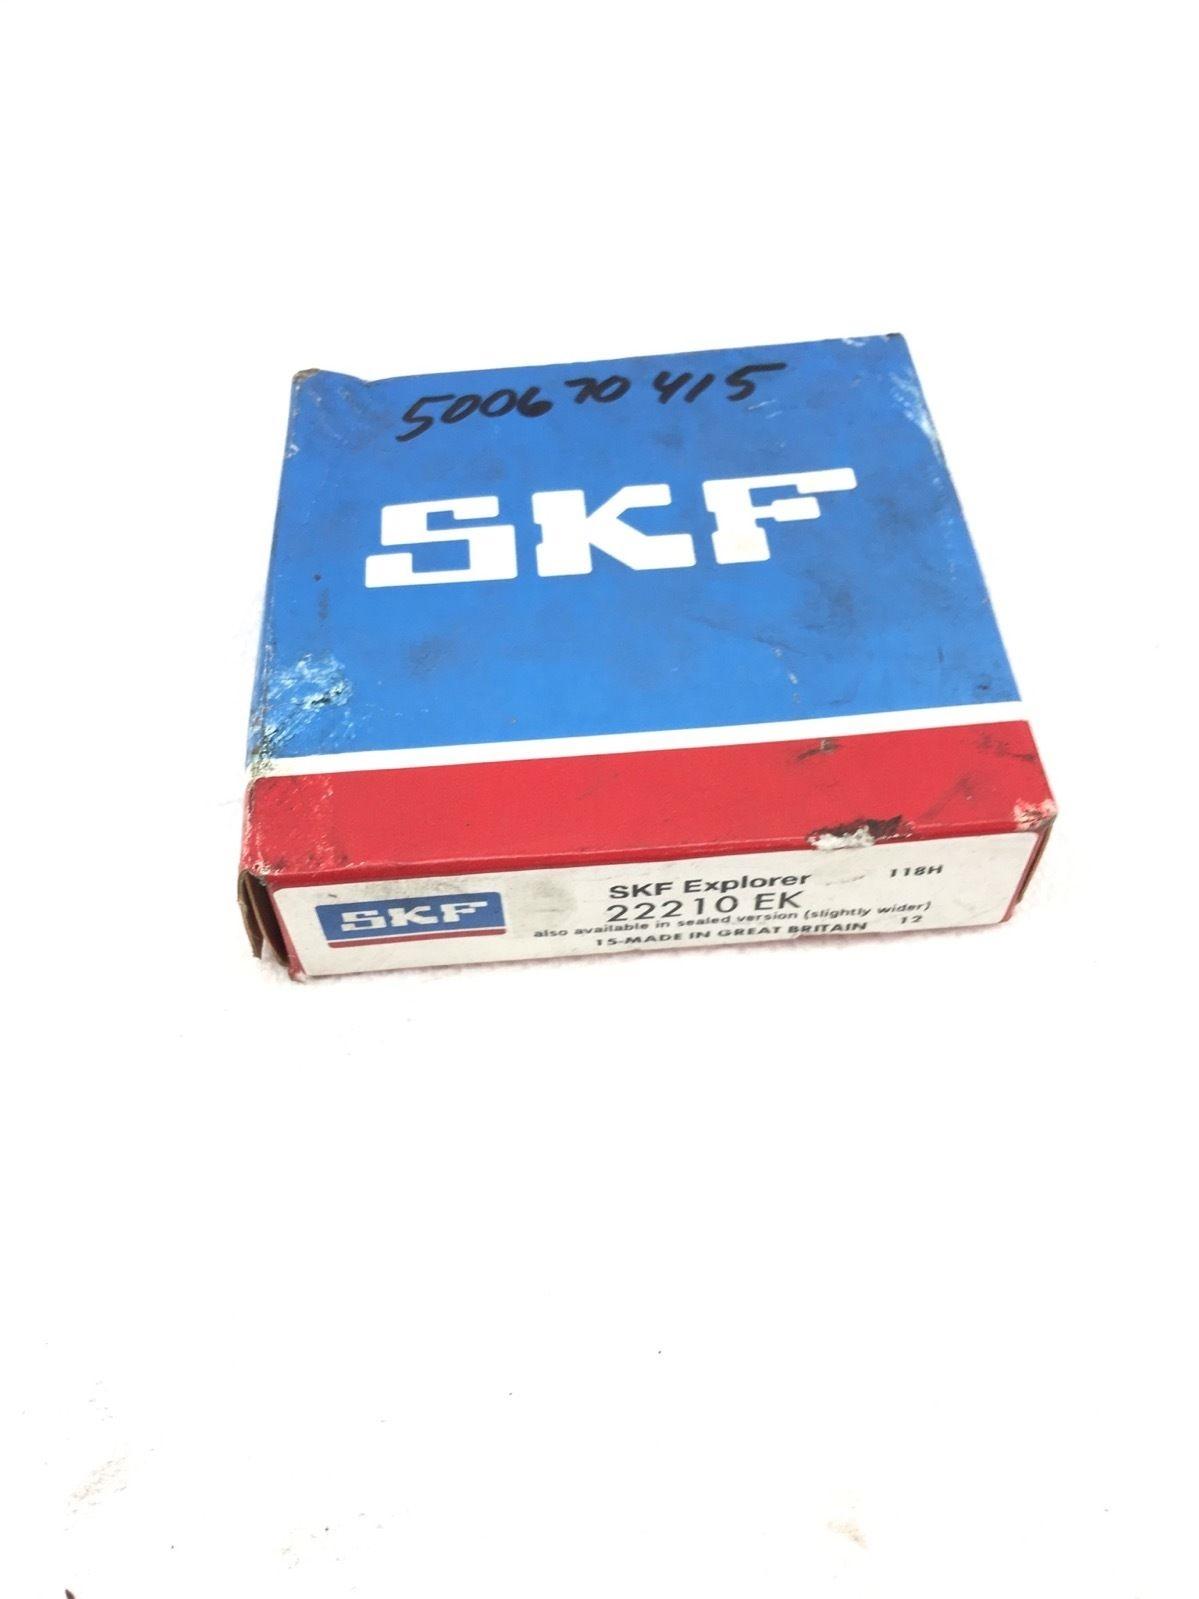 NEW IN BOX SKF 22210 EK SPHERICAL ROLLER BEARING 22210EK, FAST SHIP! (H227) 1